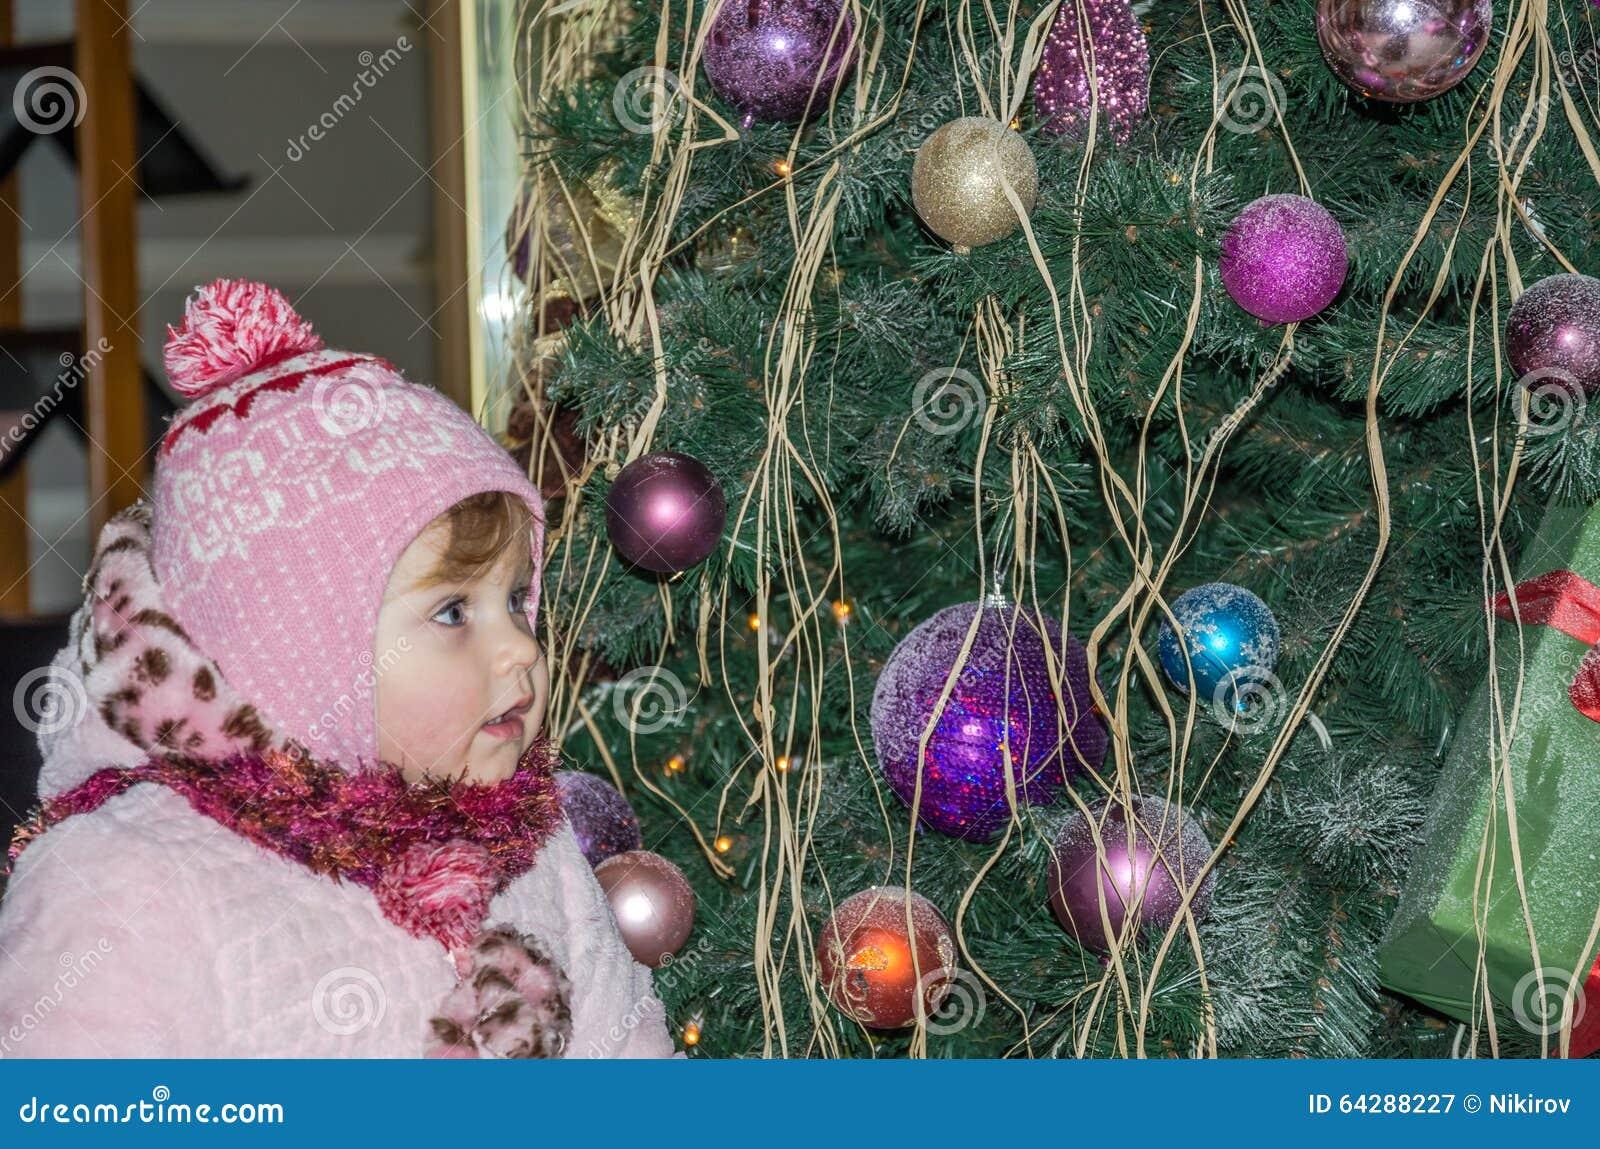 ea854840b22b Happy Little Baby Girl Is Beautiful In A White Fur Coat